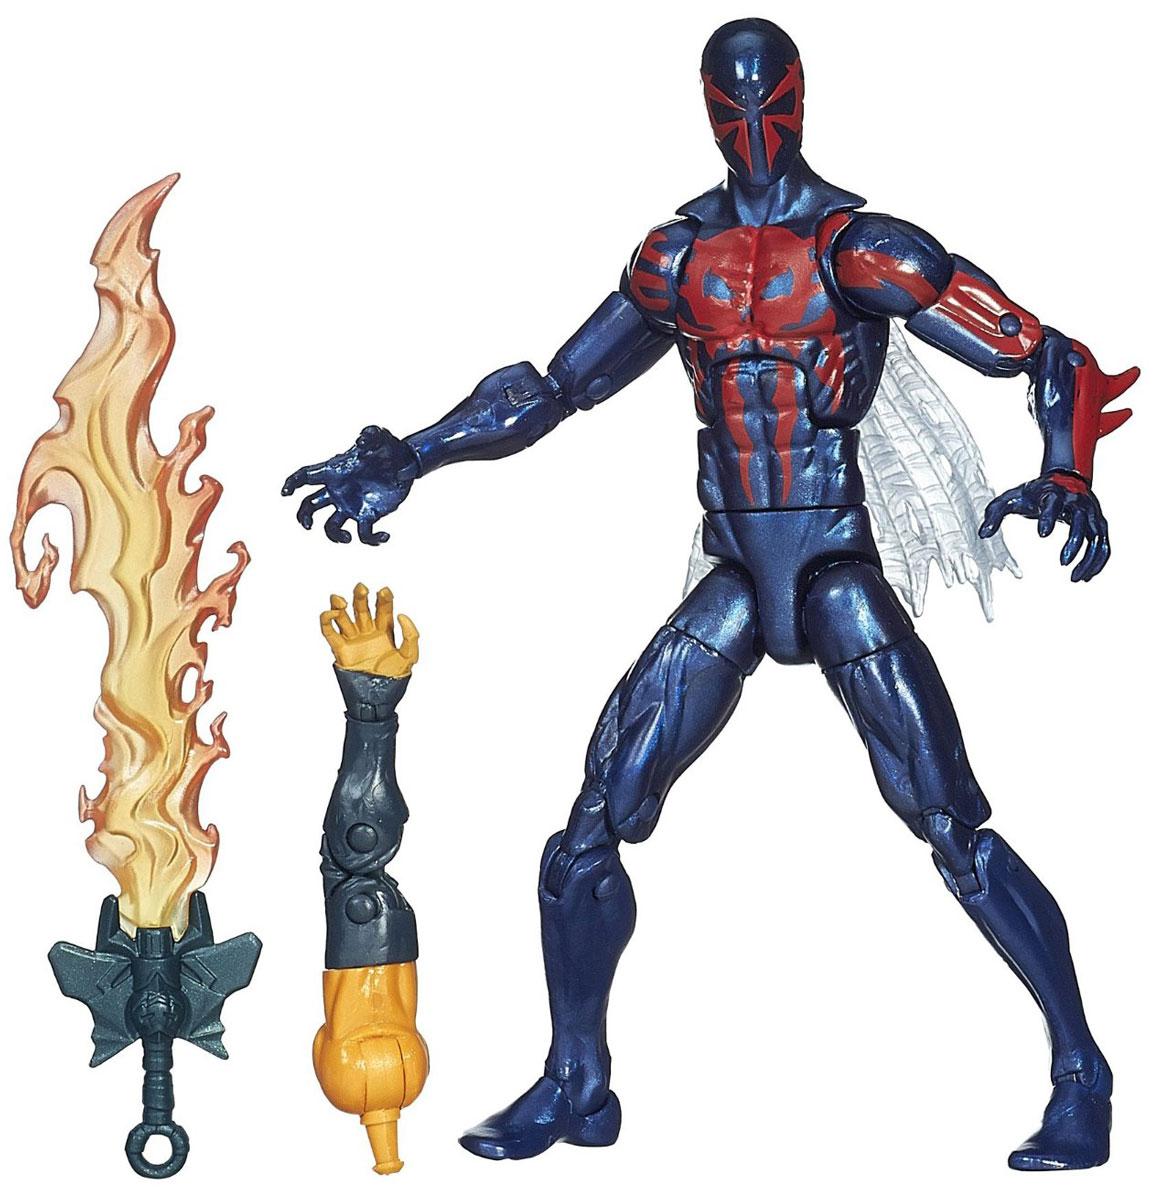 Фигурка Spider-Man Legends: Spider-Man 2099, 15 см. A6655EU4_A1906A6655EU4_A1906Фигурка Spider-Man Legends: Spider-Man 2099 станет прекрасным подарком для любого маленького поклонника супергероев. Она выполнена из прочного яркого пластика в виде супергероя Человека-Паука 2099. Голова, руки и ноги фигурки подвижны, что позволит придавать ей различные позы. В комплект также входит элемент в виде огненного меча и дополнительный элемент в виде руки Хобгоблина. Собрав все шесть фигурок серии Legends, вы сконструируете фигурку Хобгоблина полностью. Ваш ребенок будет часами играть с этой фигуркой, придумывая различные истории с участием супергероя. Человек-Паук 2099 - Мигель ОХара, гениальный молодой генетик. Под его руководством был построен аппарат для сращивания генов, используя в его основе паучье ДНК. Мигель получил паучьи способности, и ему пришлось пуститься в бега, почти всегда находясь в своём паучьем костюме.